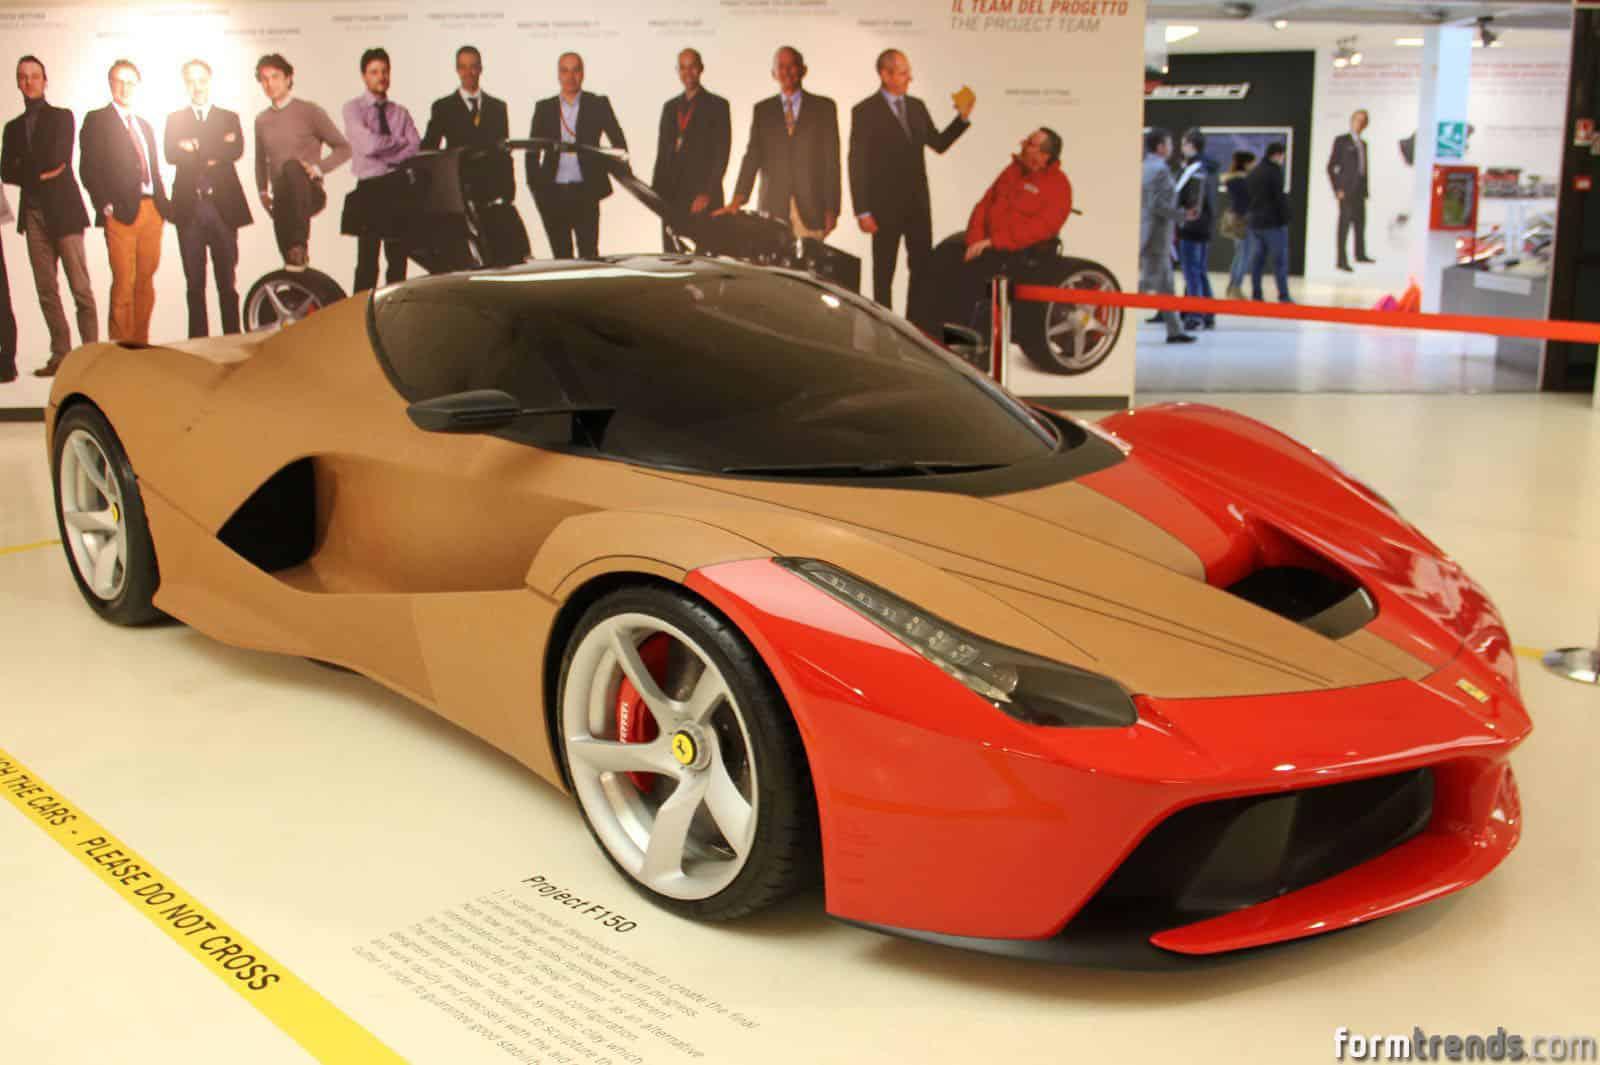 Ferrari Design Director Creates Laferrari Spacecraft